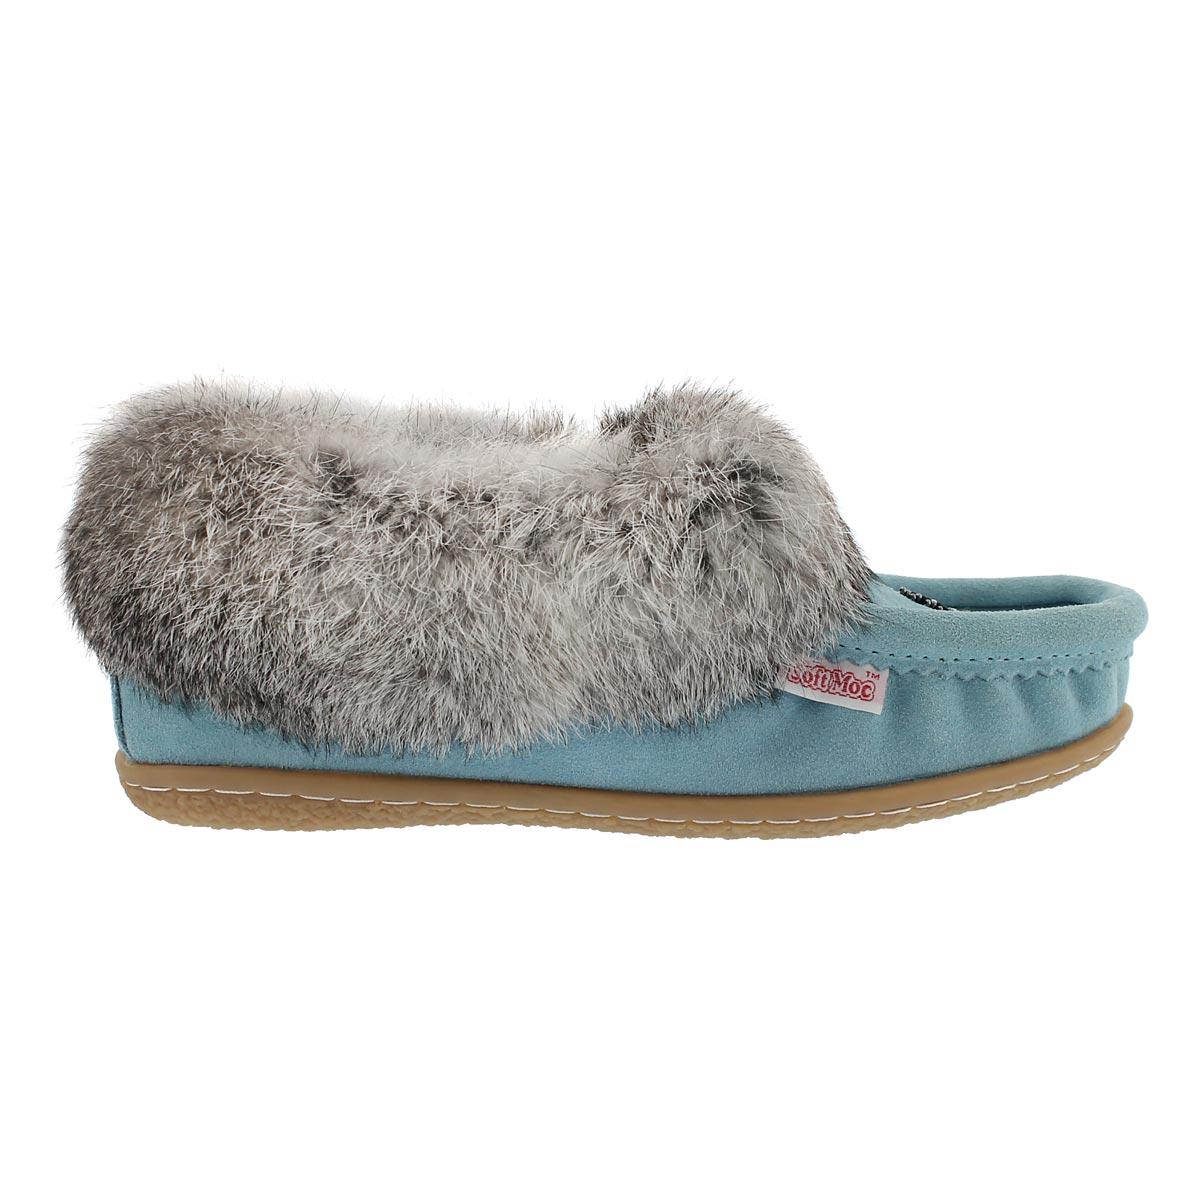 Lds Cute 3 light blu rabbit fur moccasin